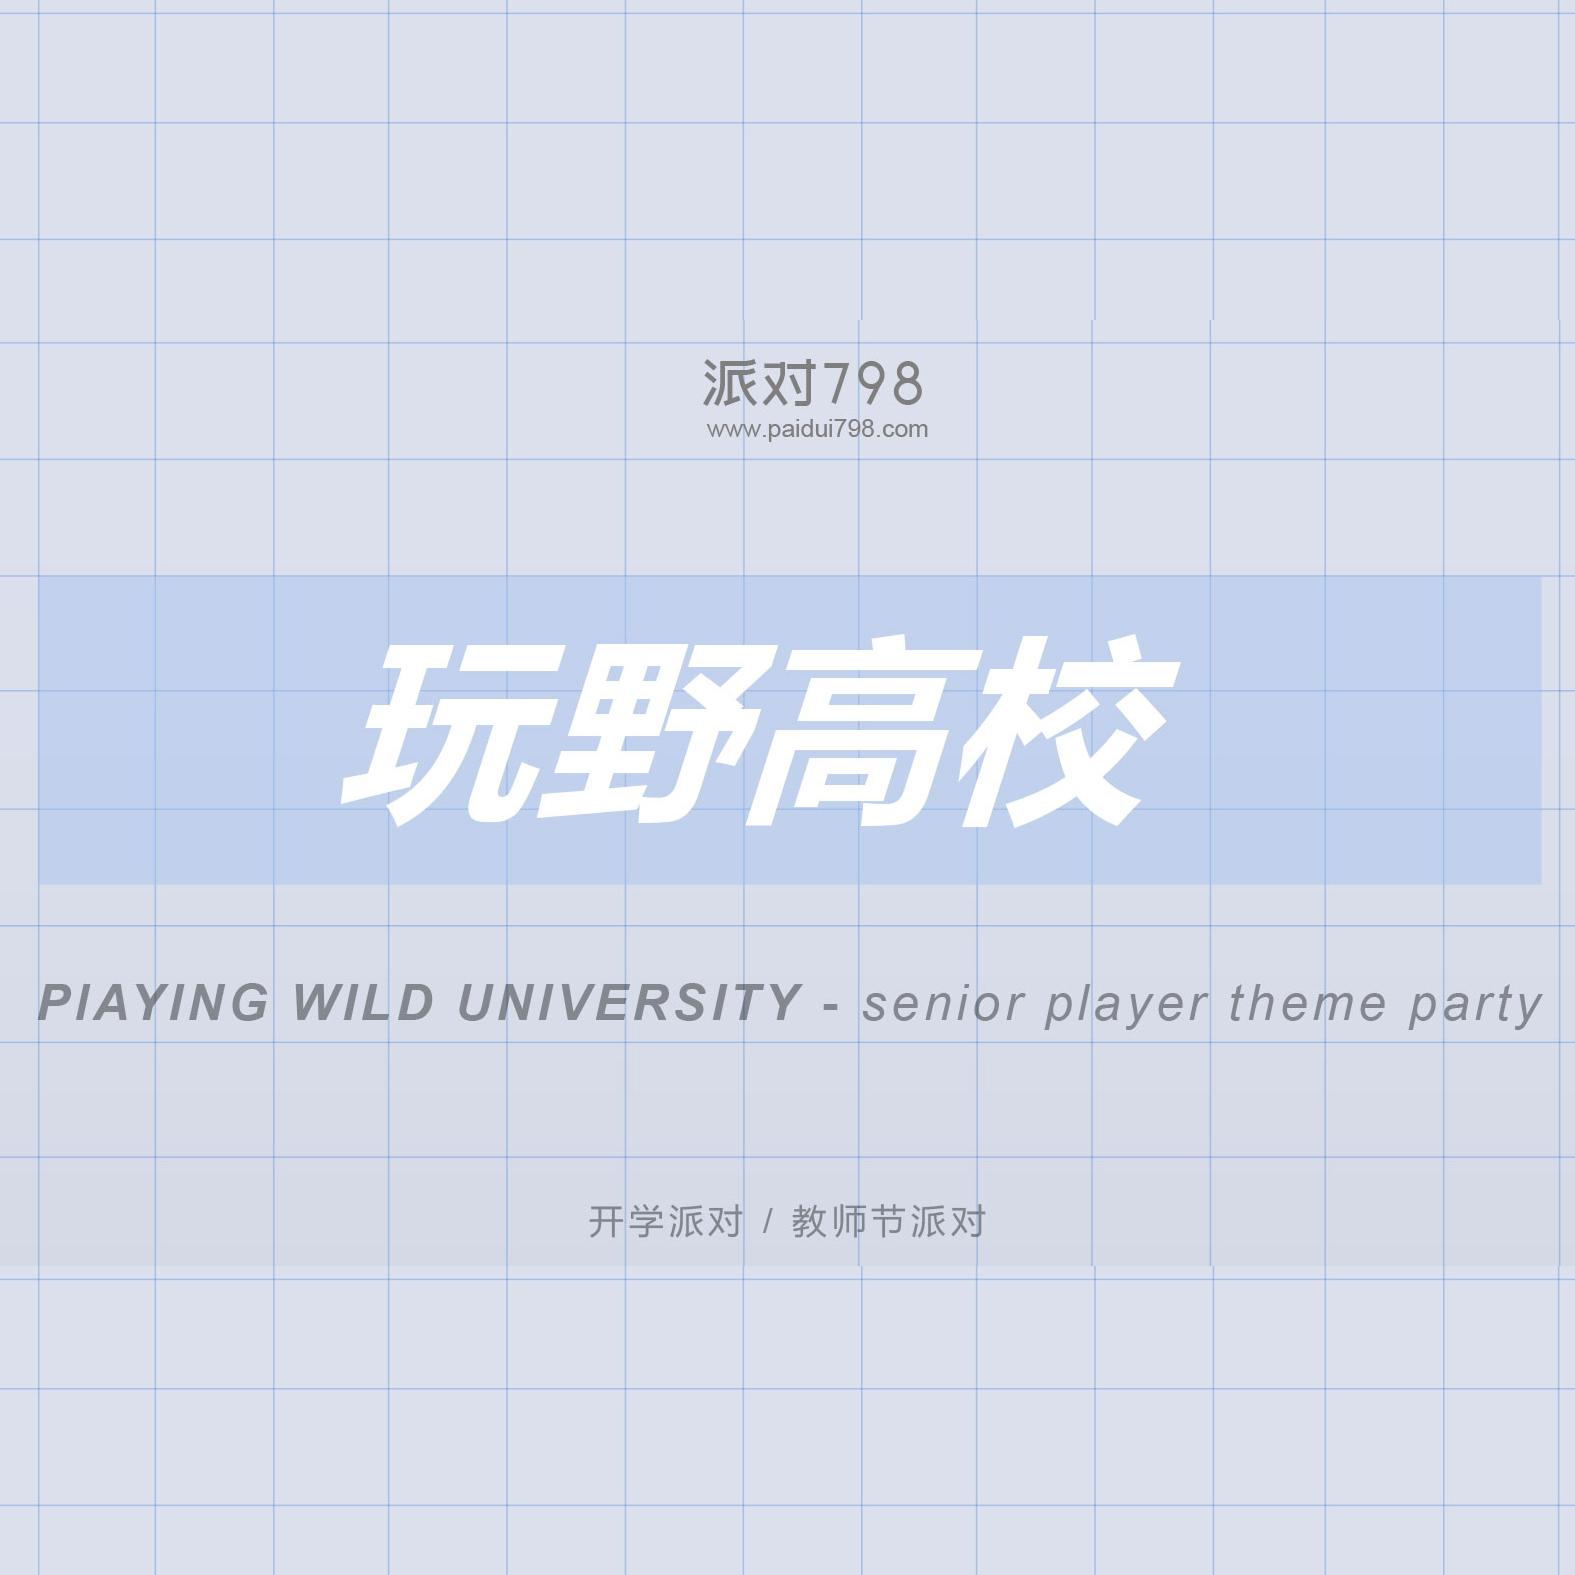 玩野高校-教师节派对